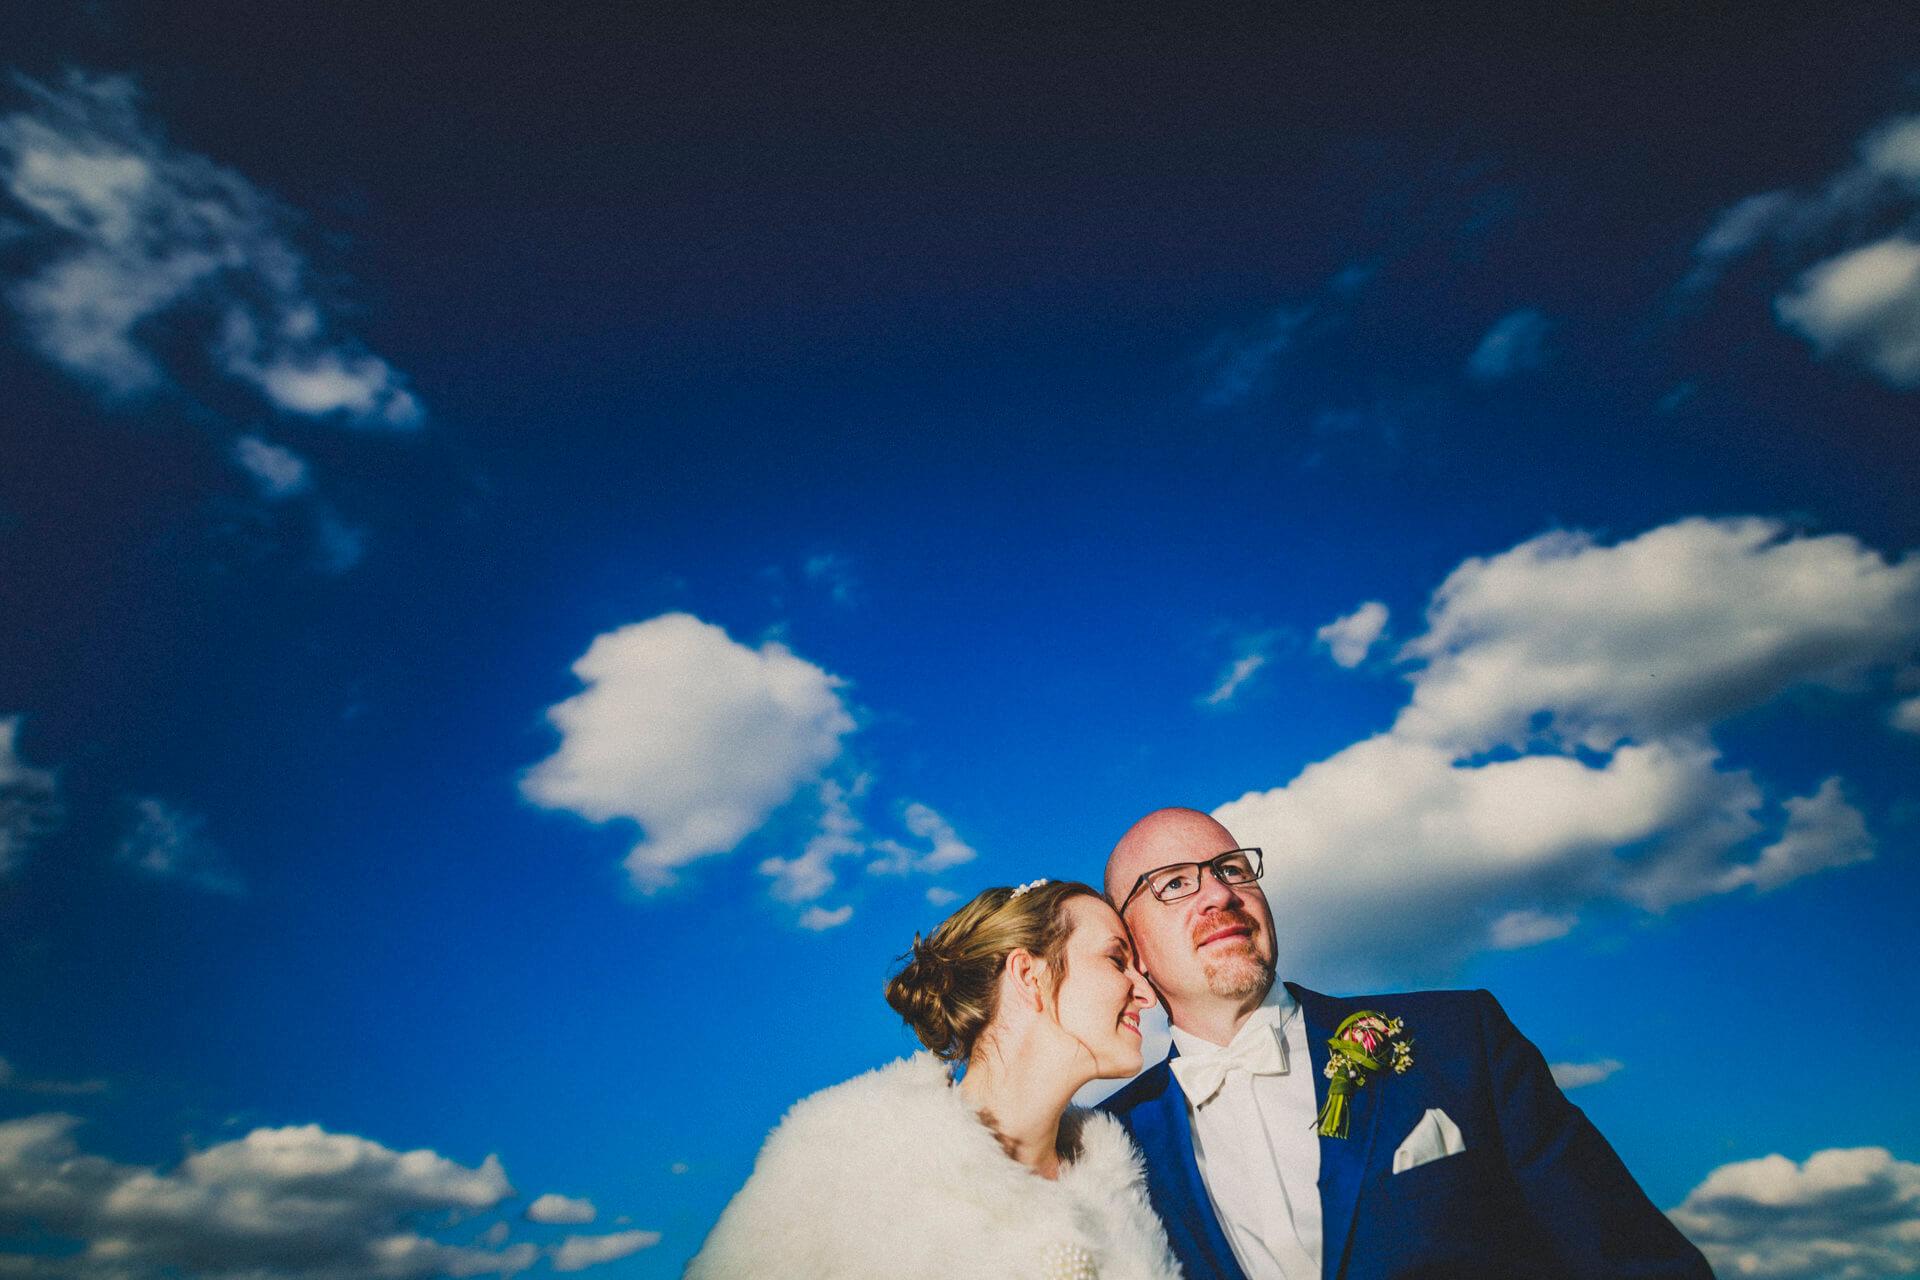 Hochzeitsfotograf Lollar - Hochzeitslocation Burg Staufenberg - lebendige und kreative Hochzeitsreportagen - Paarfotos auf der Burg